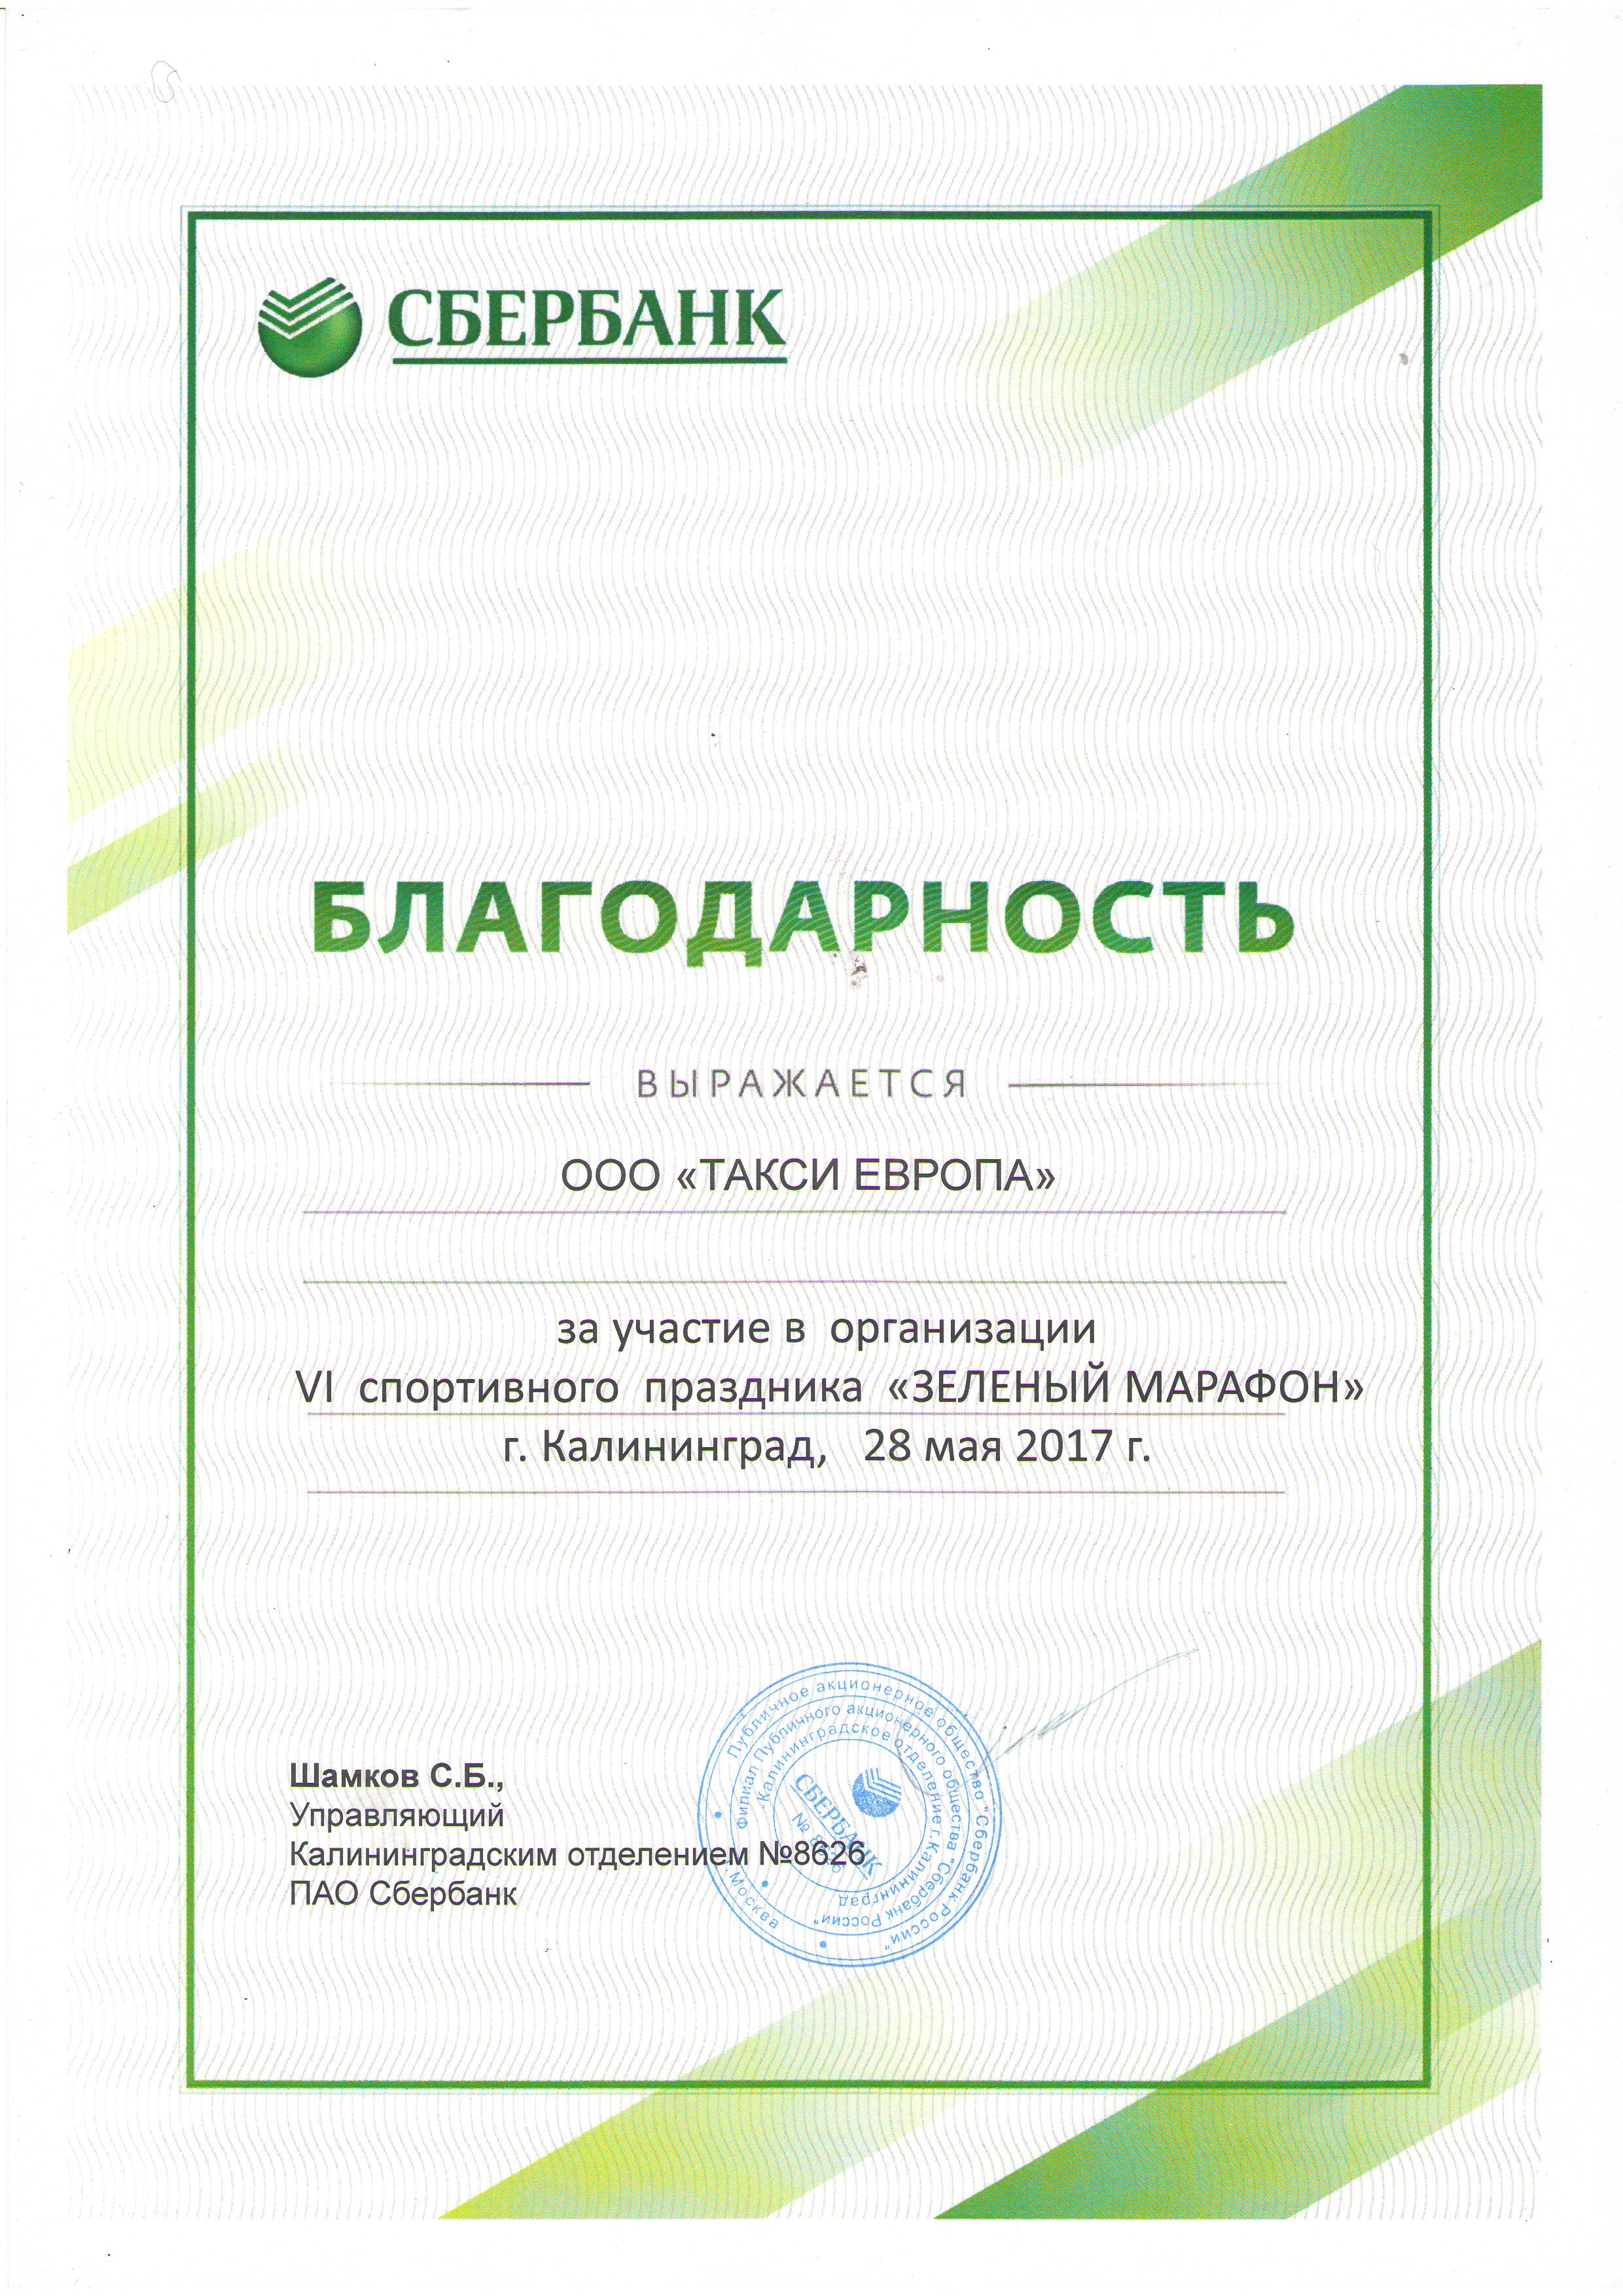 ТАКСИ ЕВРОПА благодарность